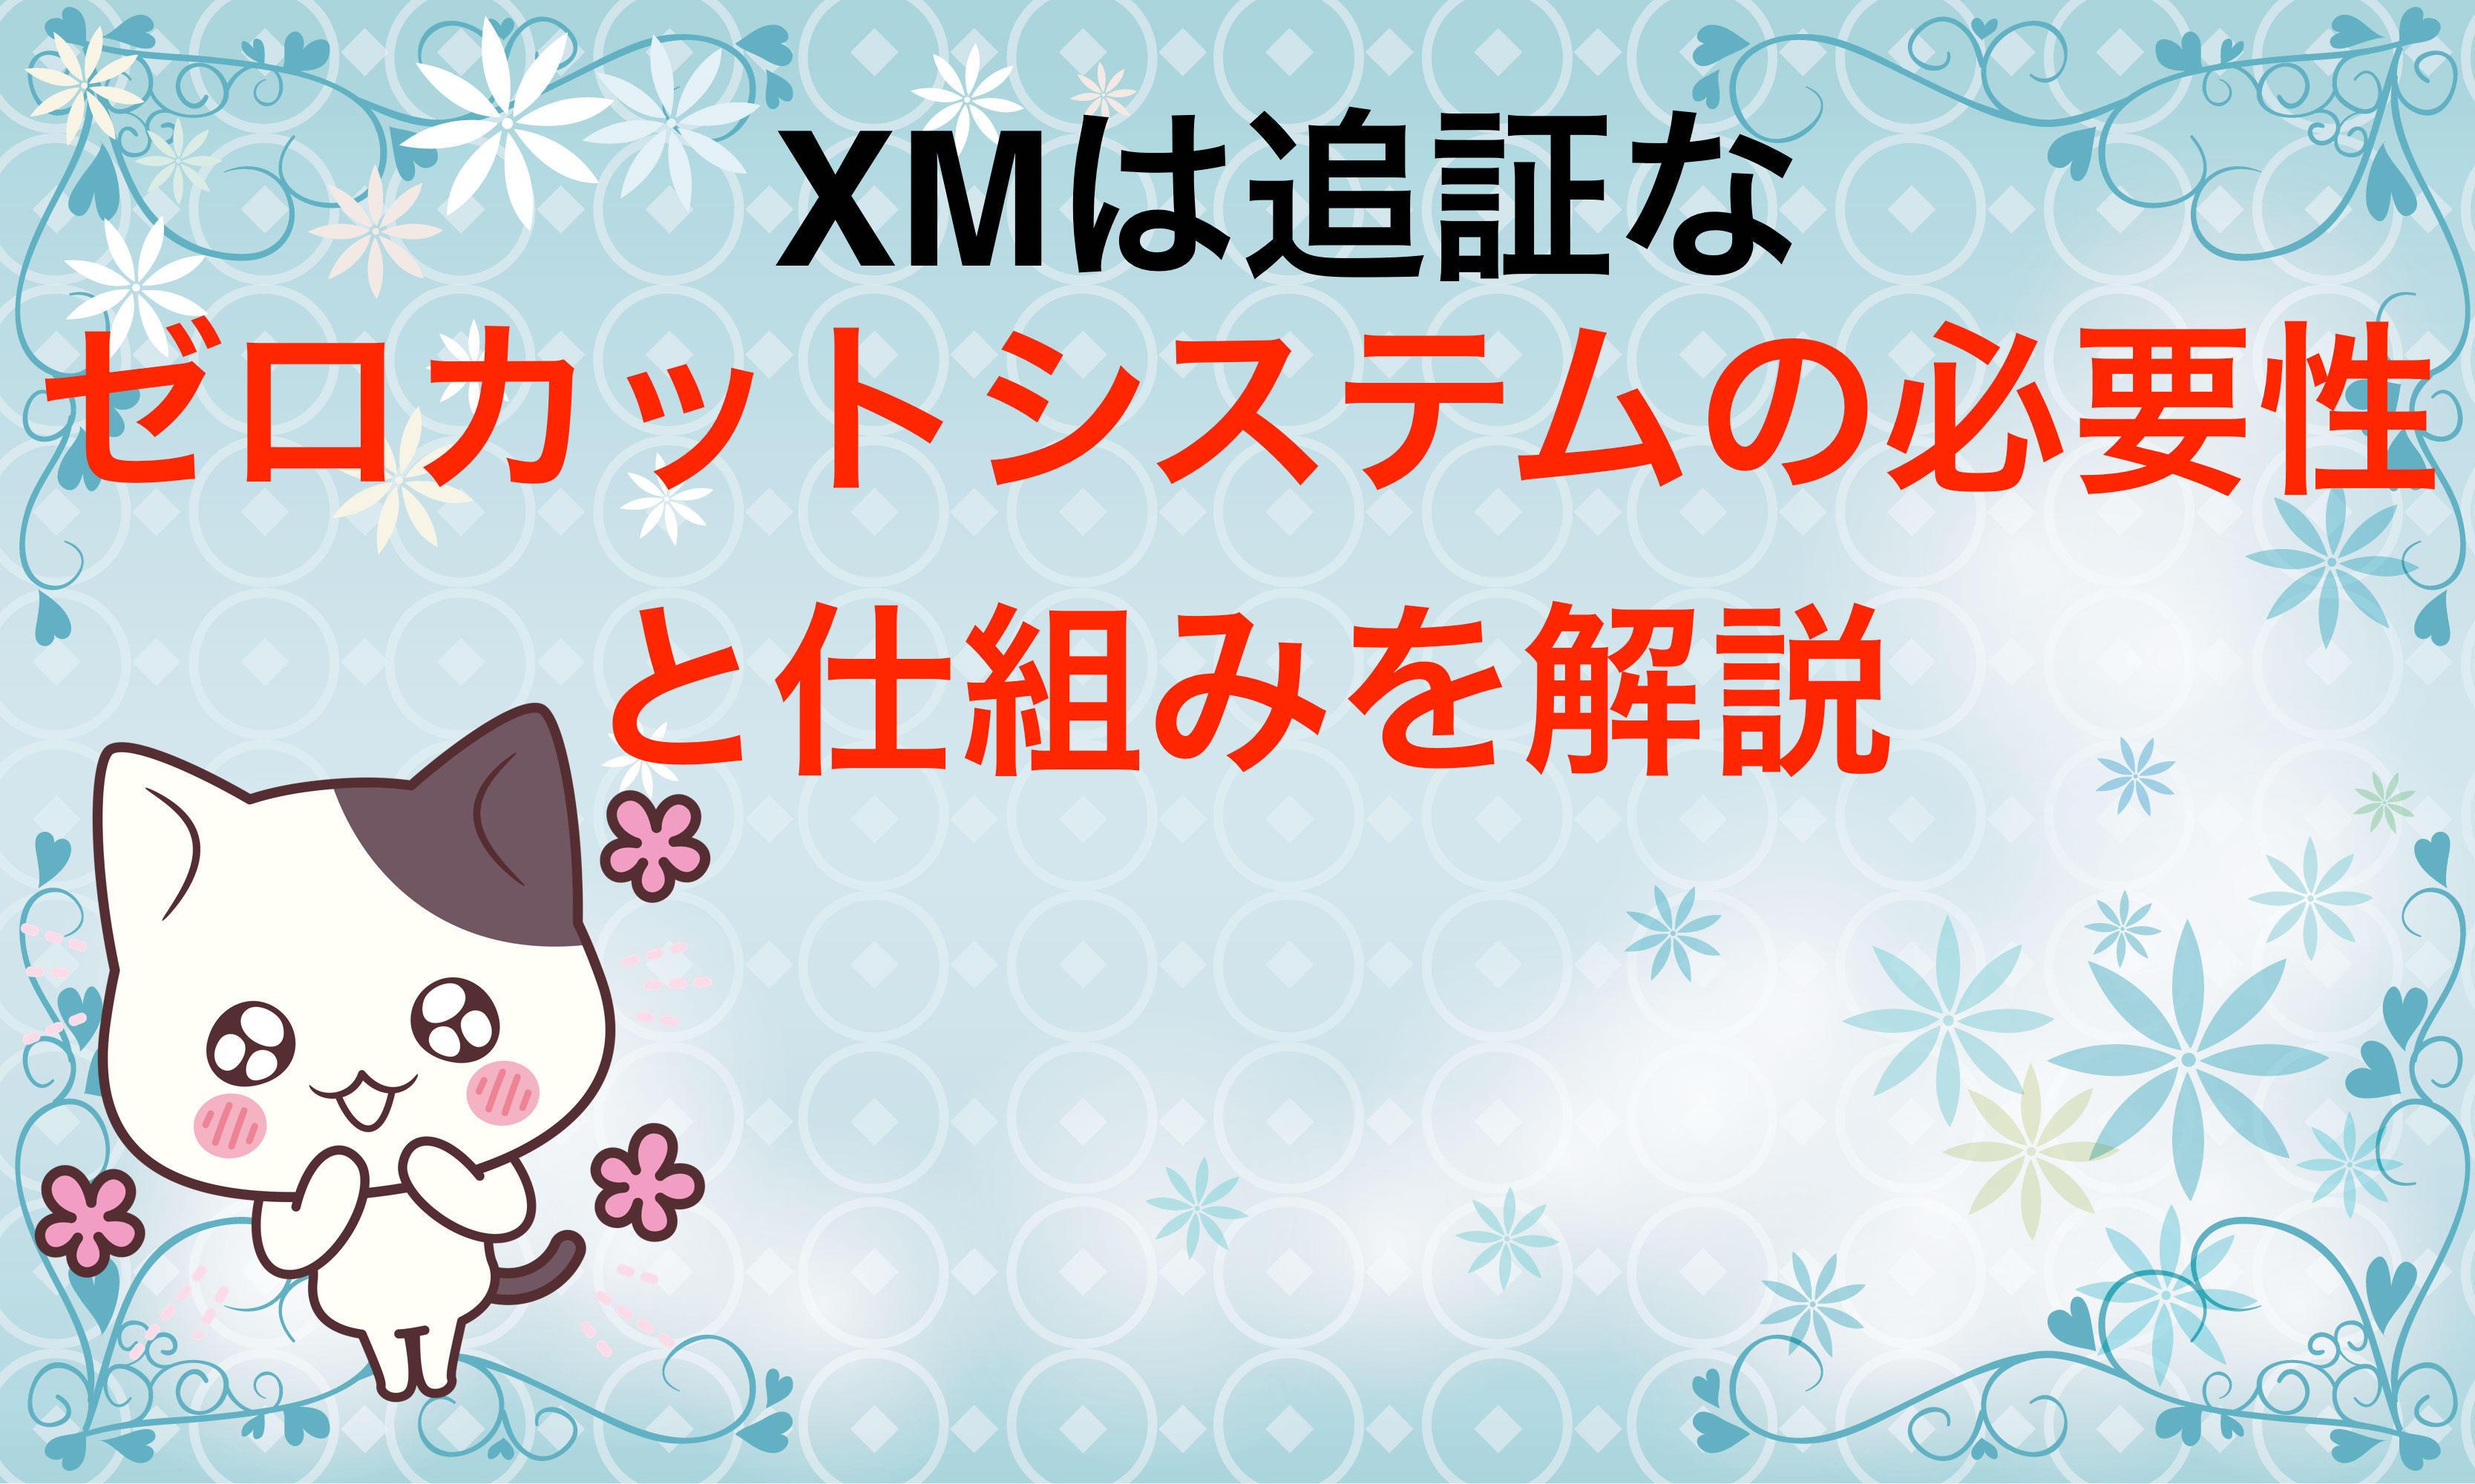 XMは追証なし〜ゼロカットシステムの必要性と仕組みを解説